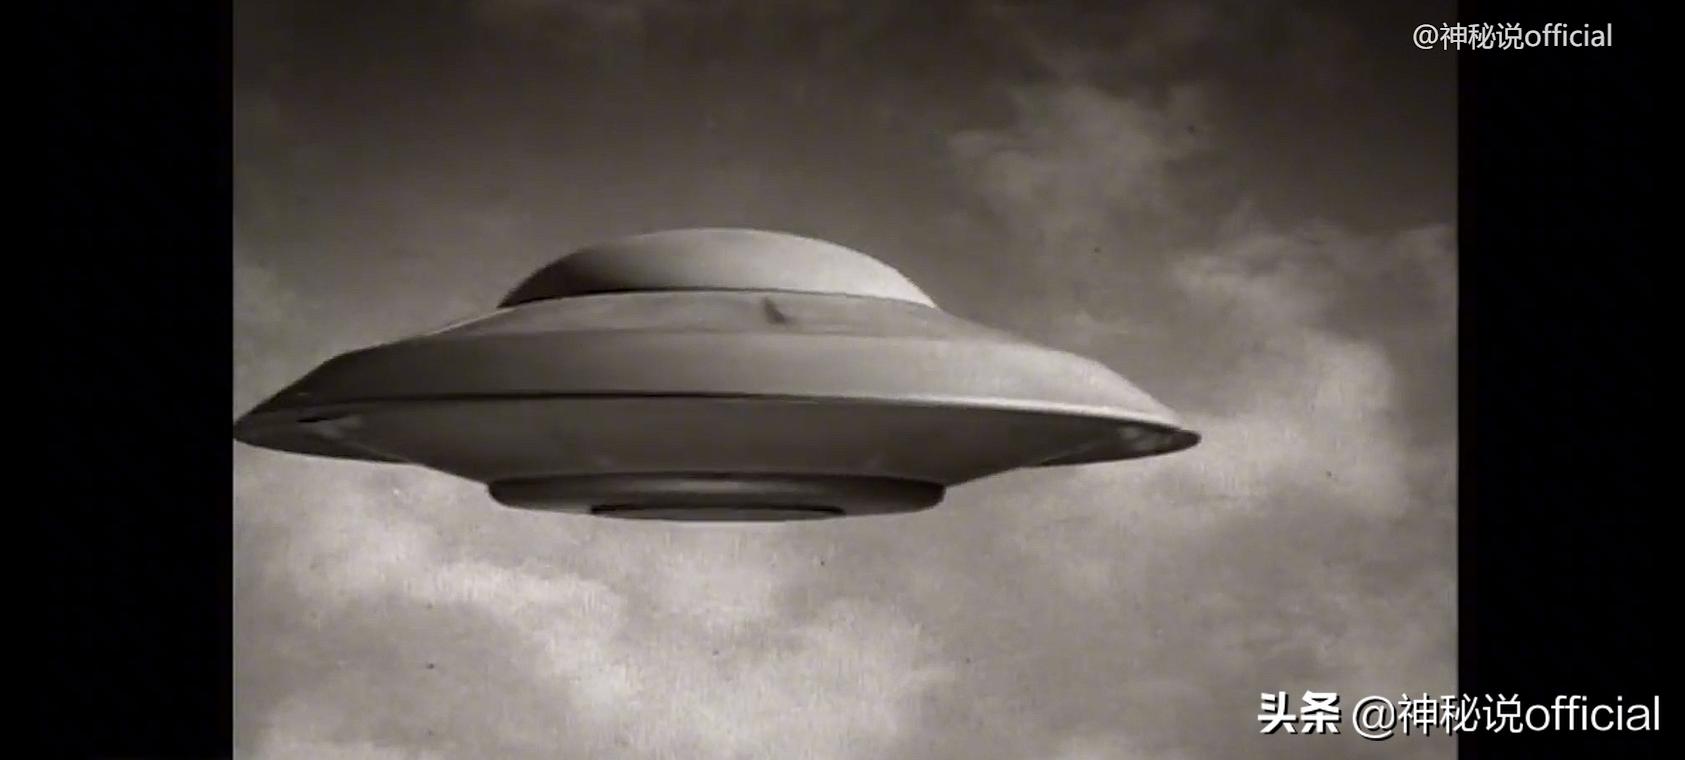 外星艦隊來了?NASA拍到飛碟畫面,速度很快排列整齊?